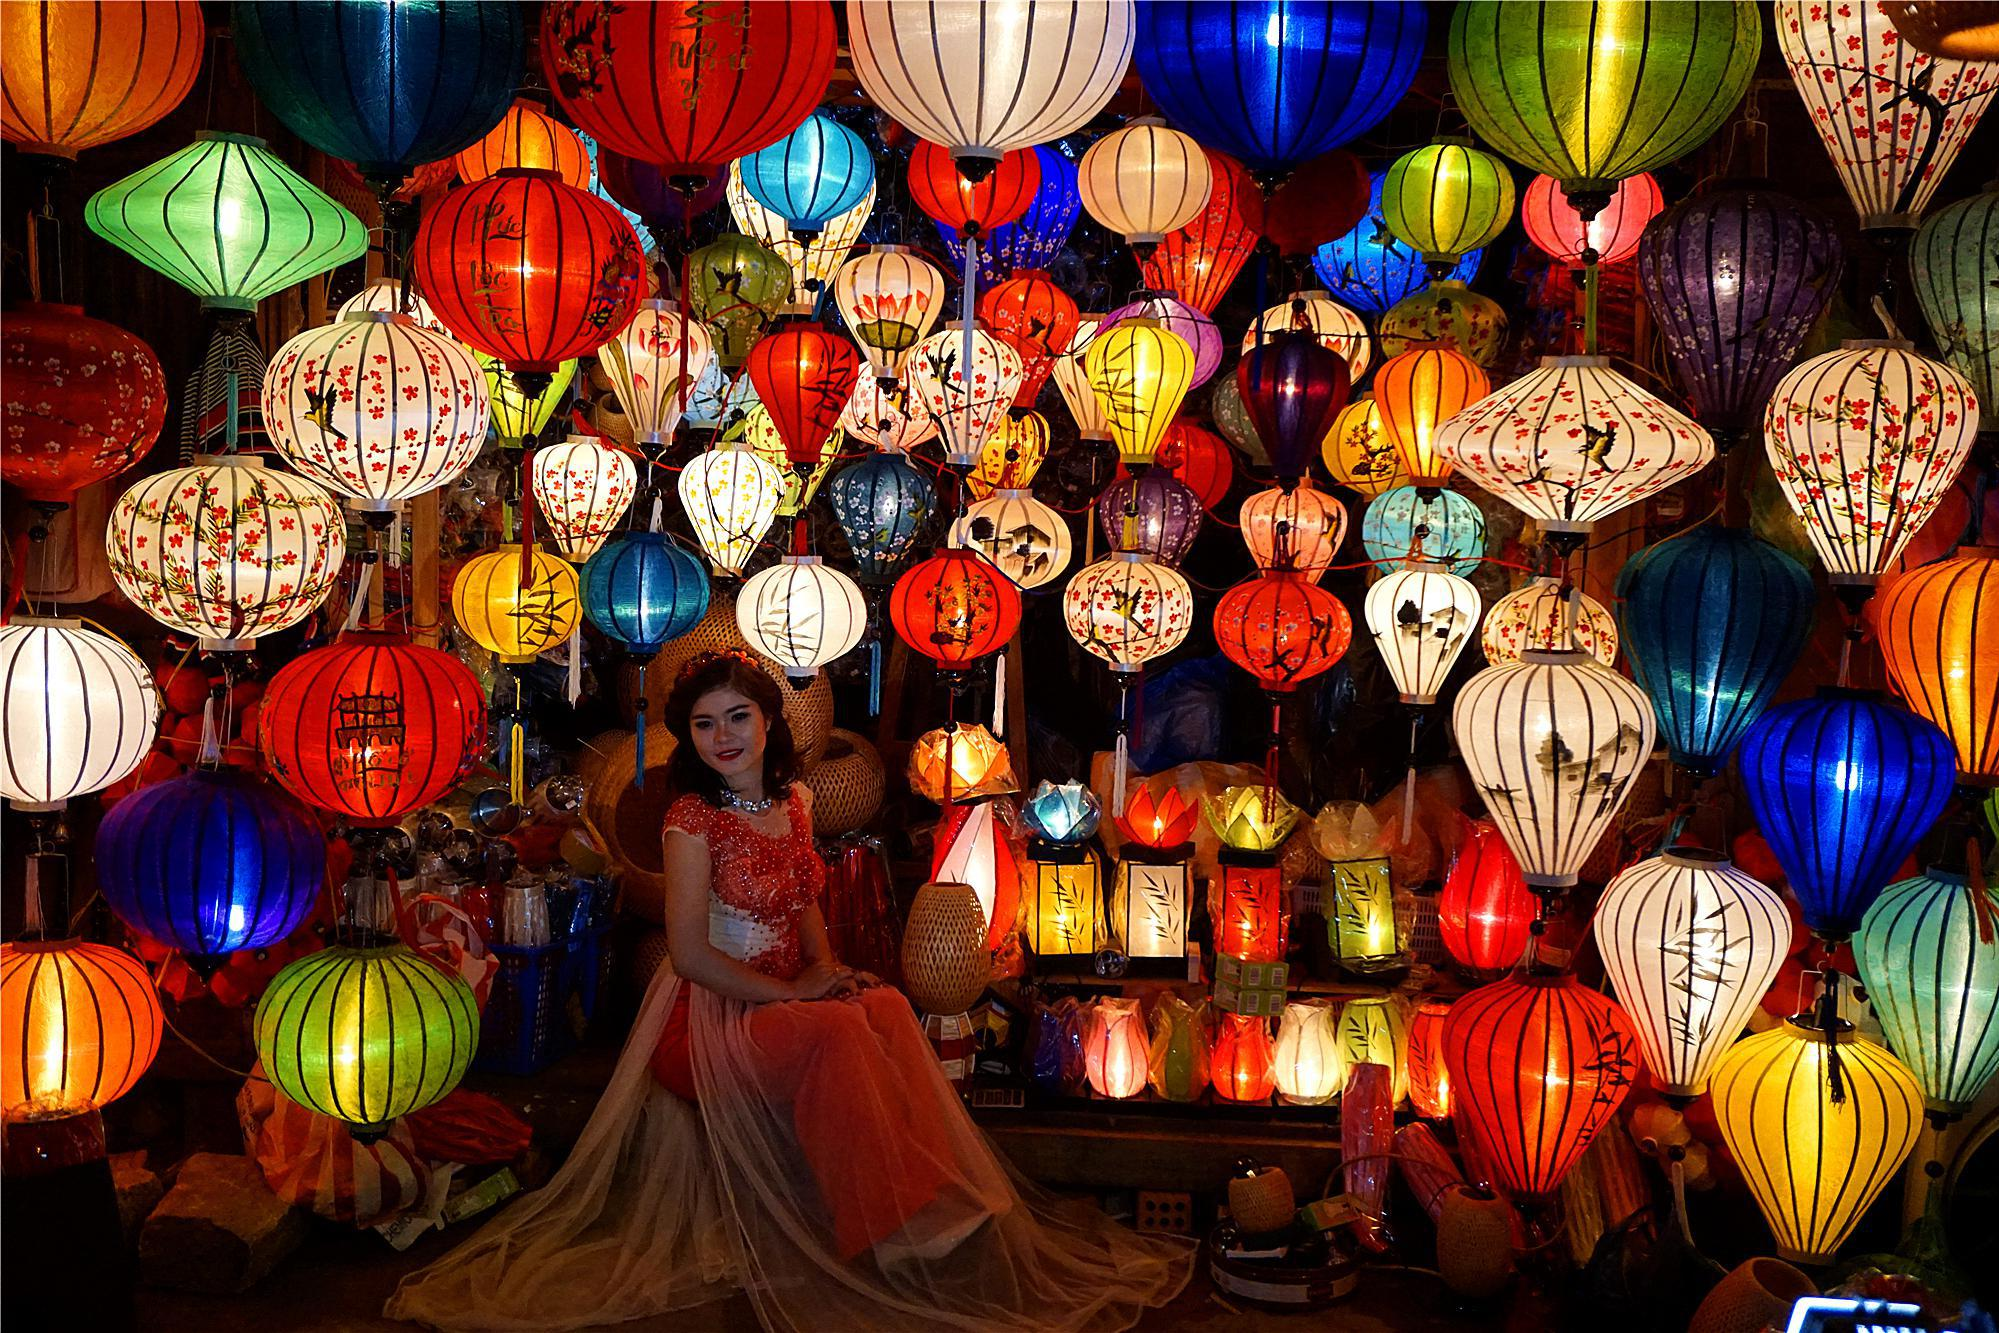 越南版丽江有一个灯笼夜市,逛夜市犹如走进童话梦幻世界